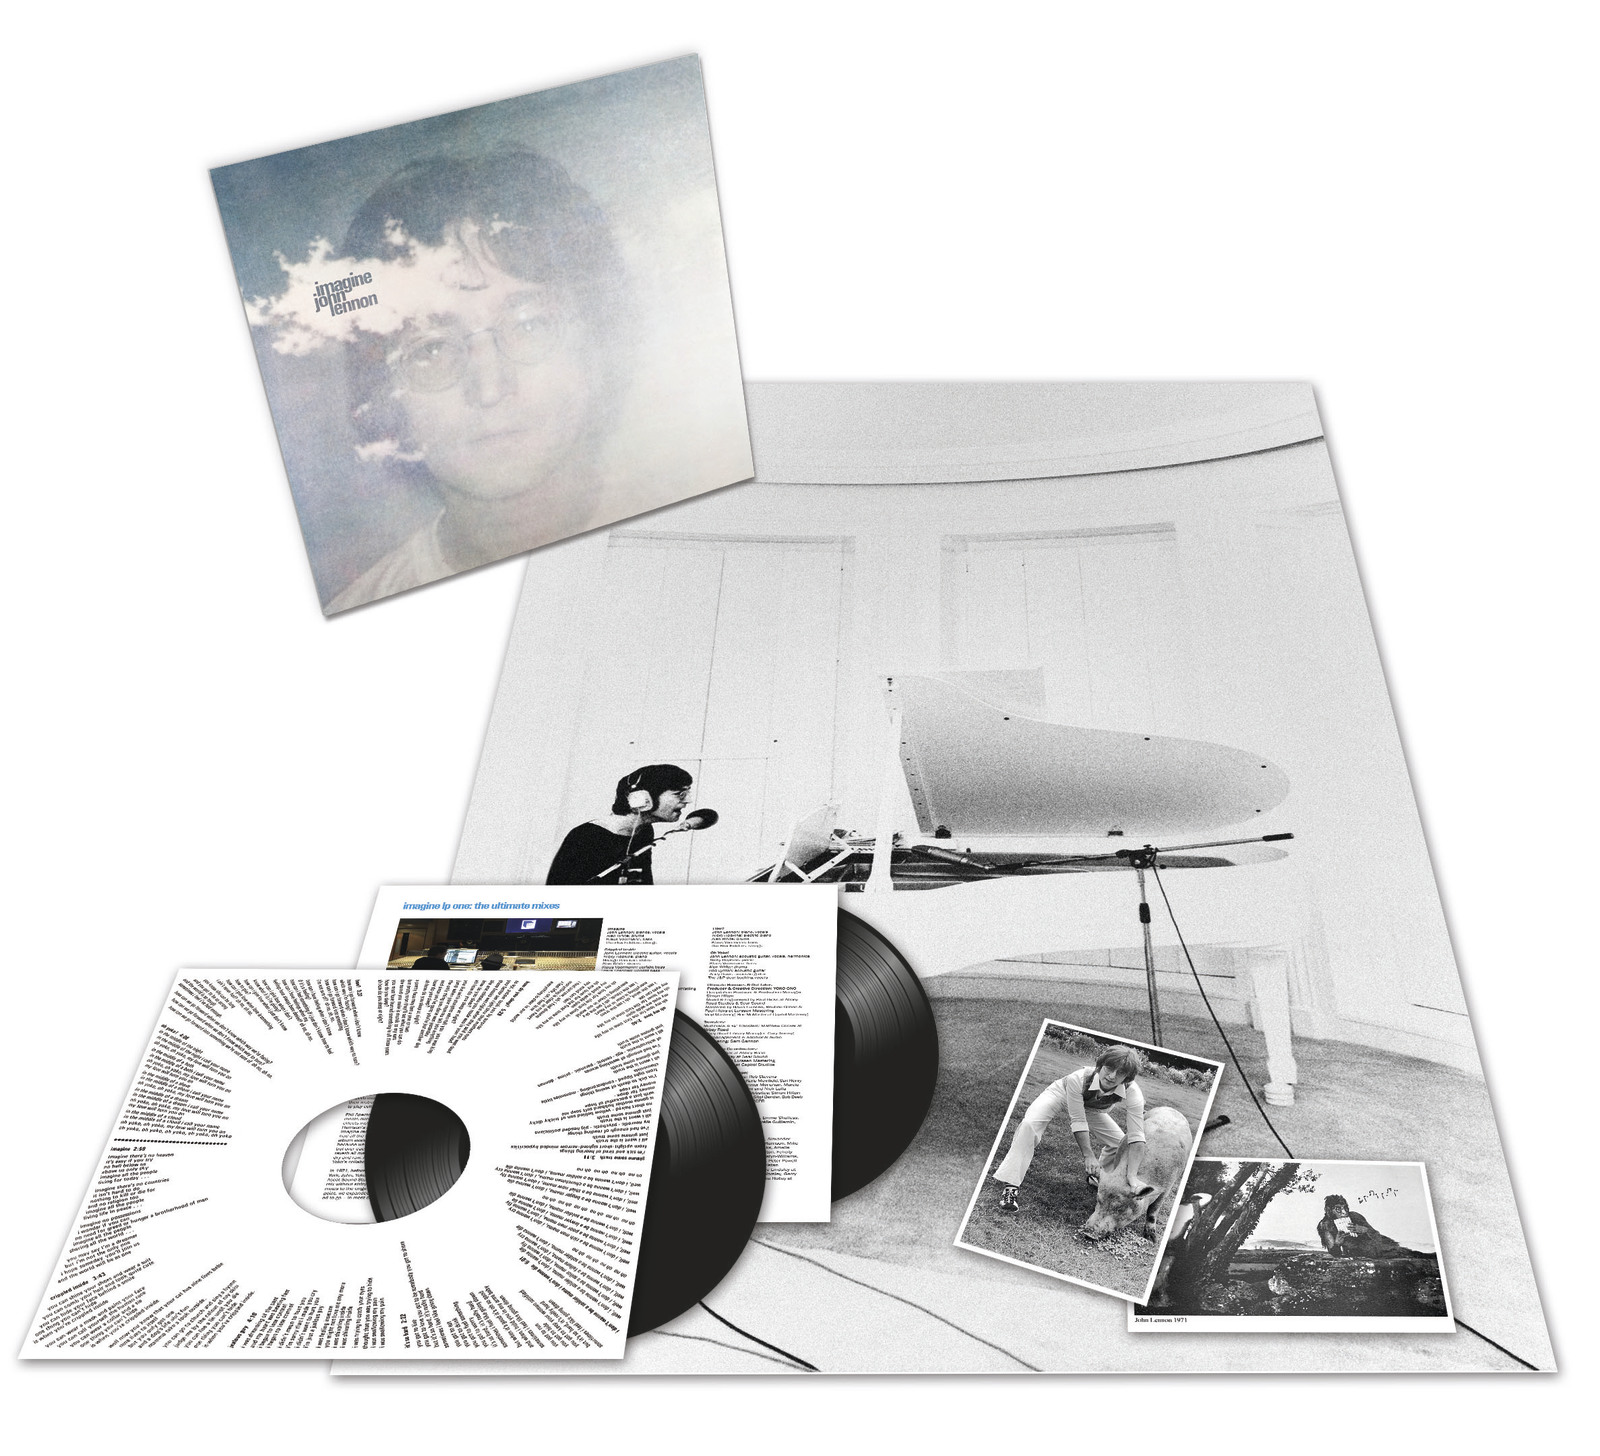 Imagine by John Lennon image